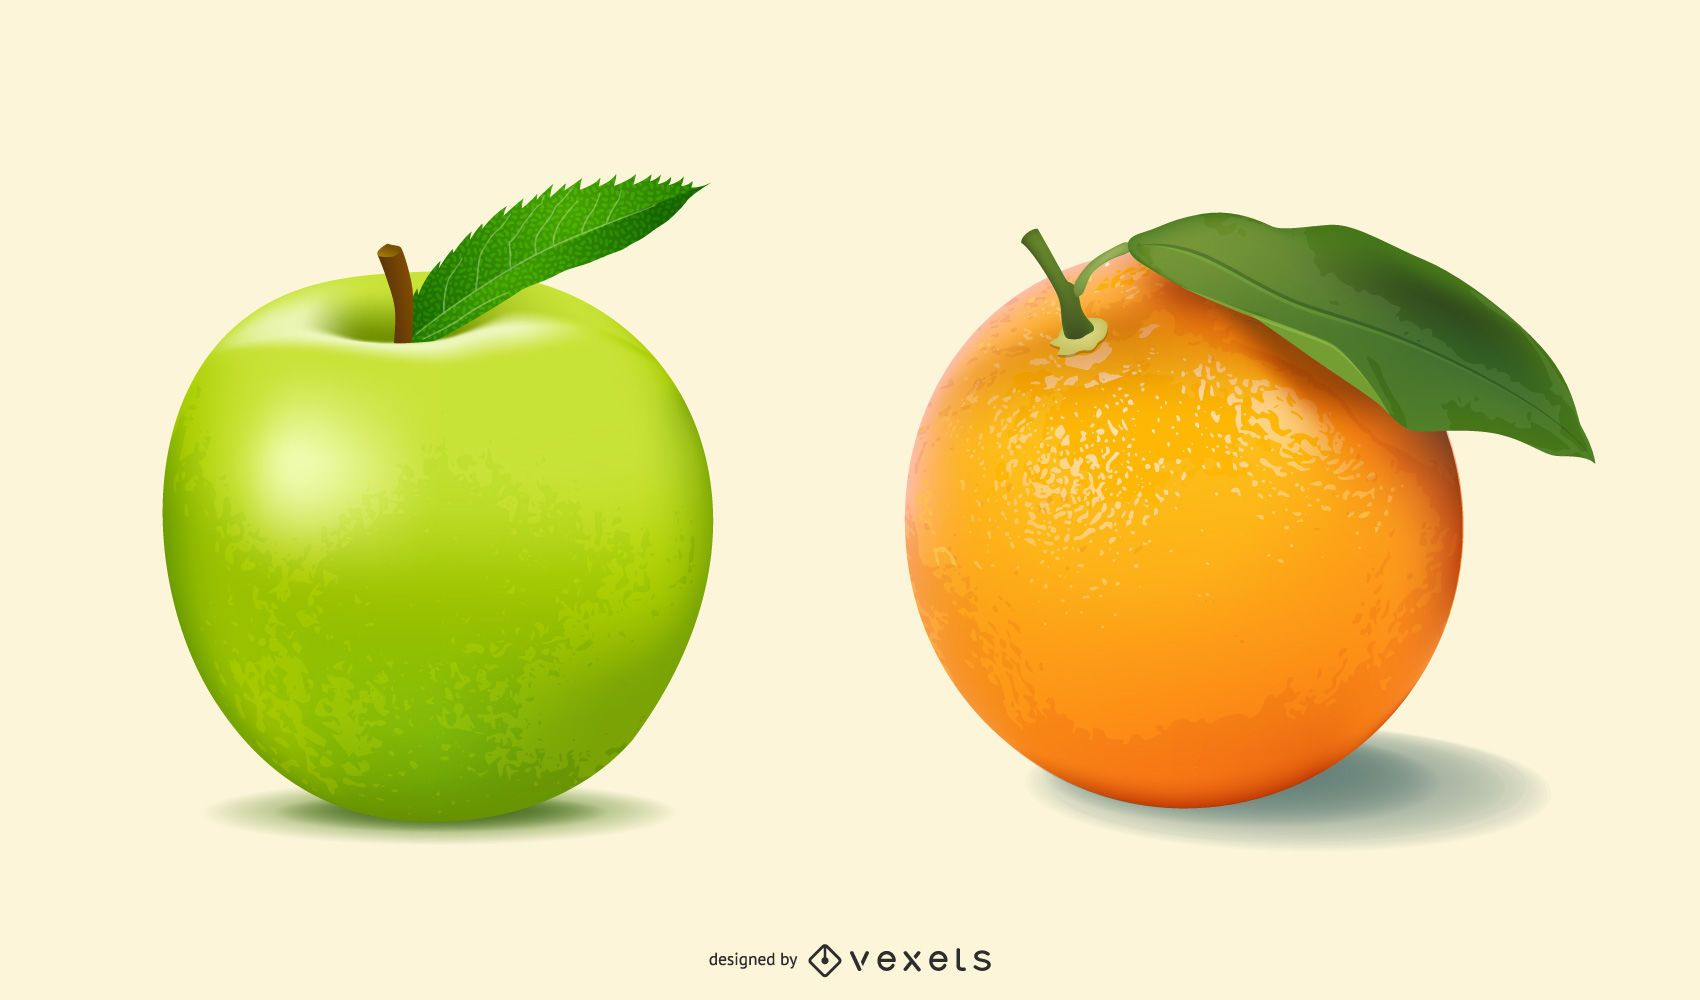 Realistic 3D fruits illustrations